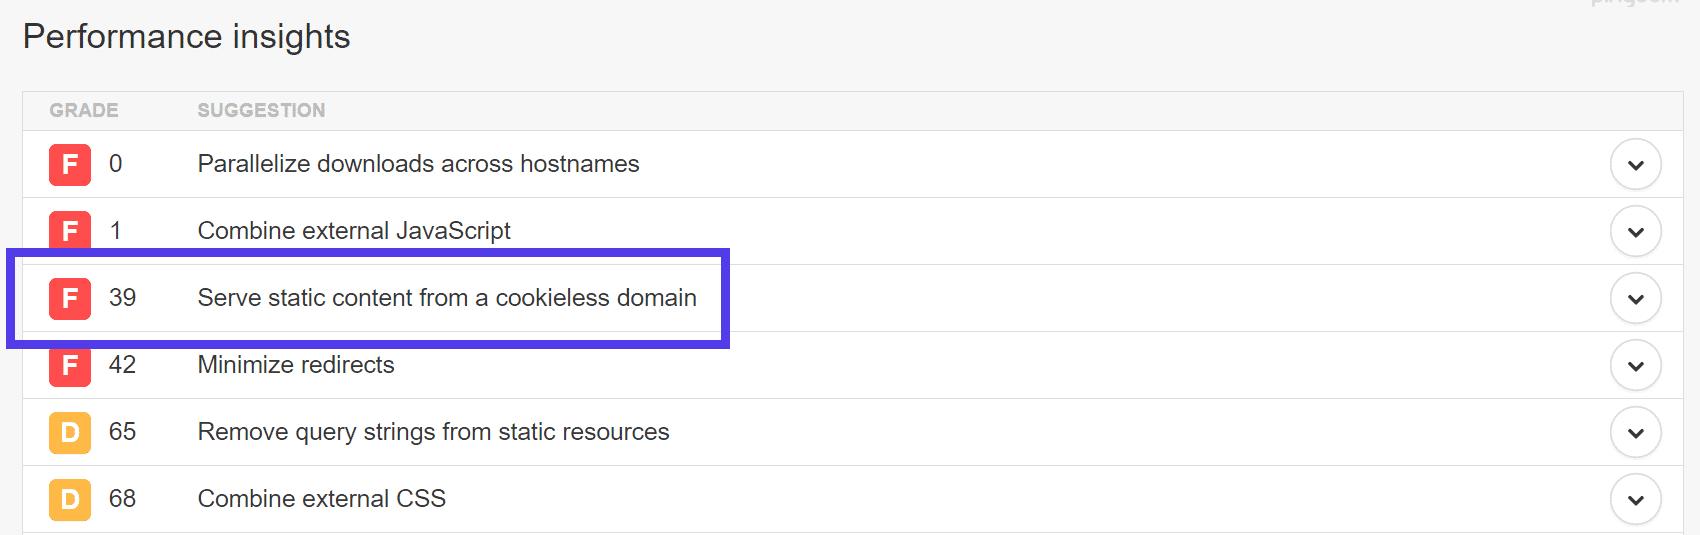 Gib statischen Inhalt von einer cookielos Domain an-Warnung